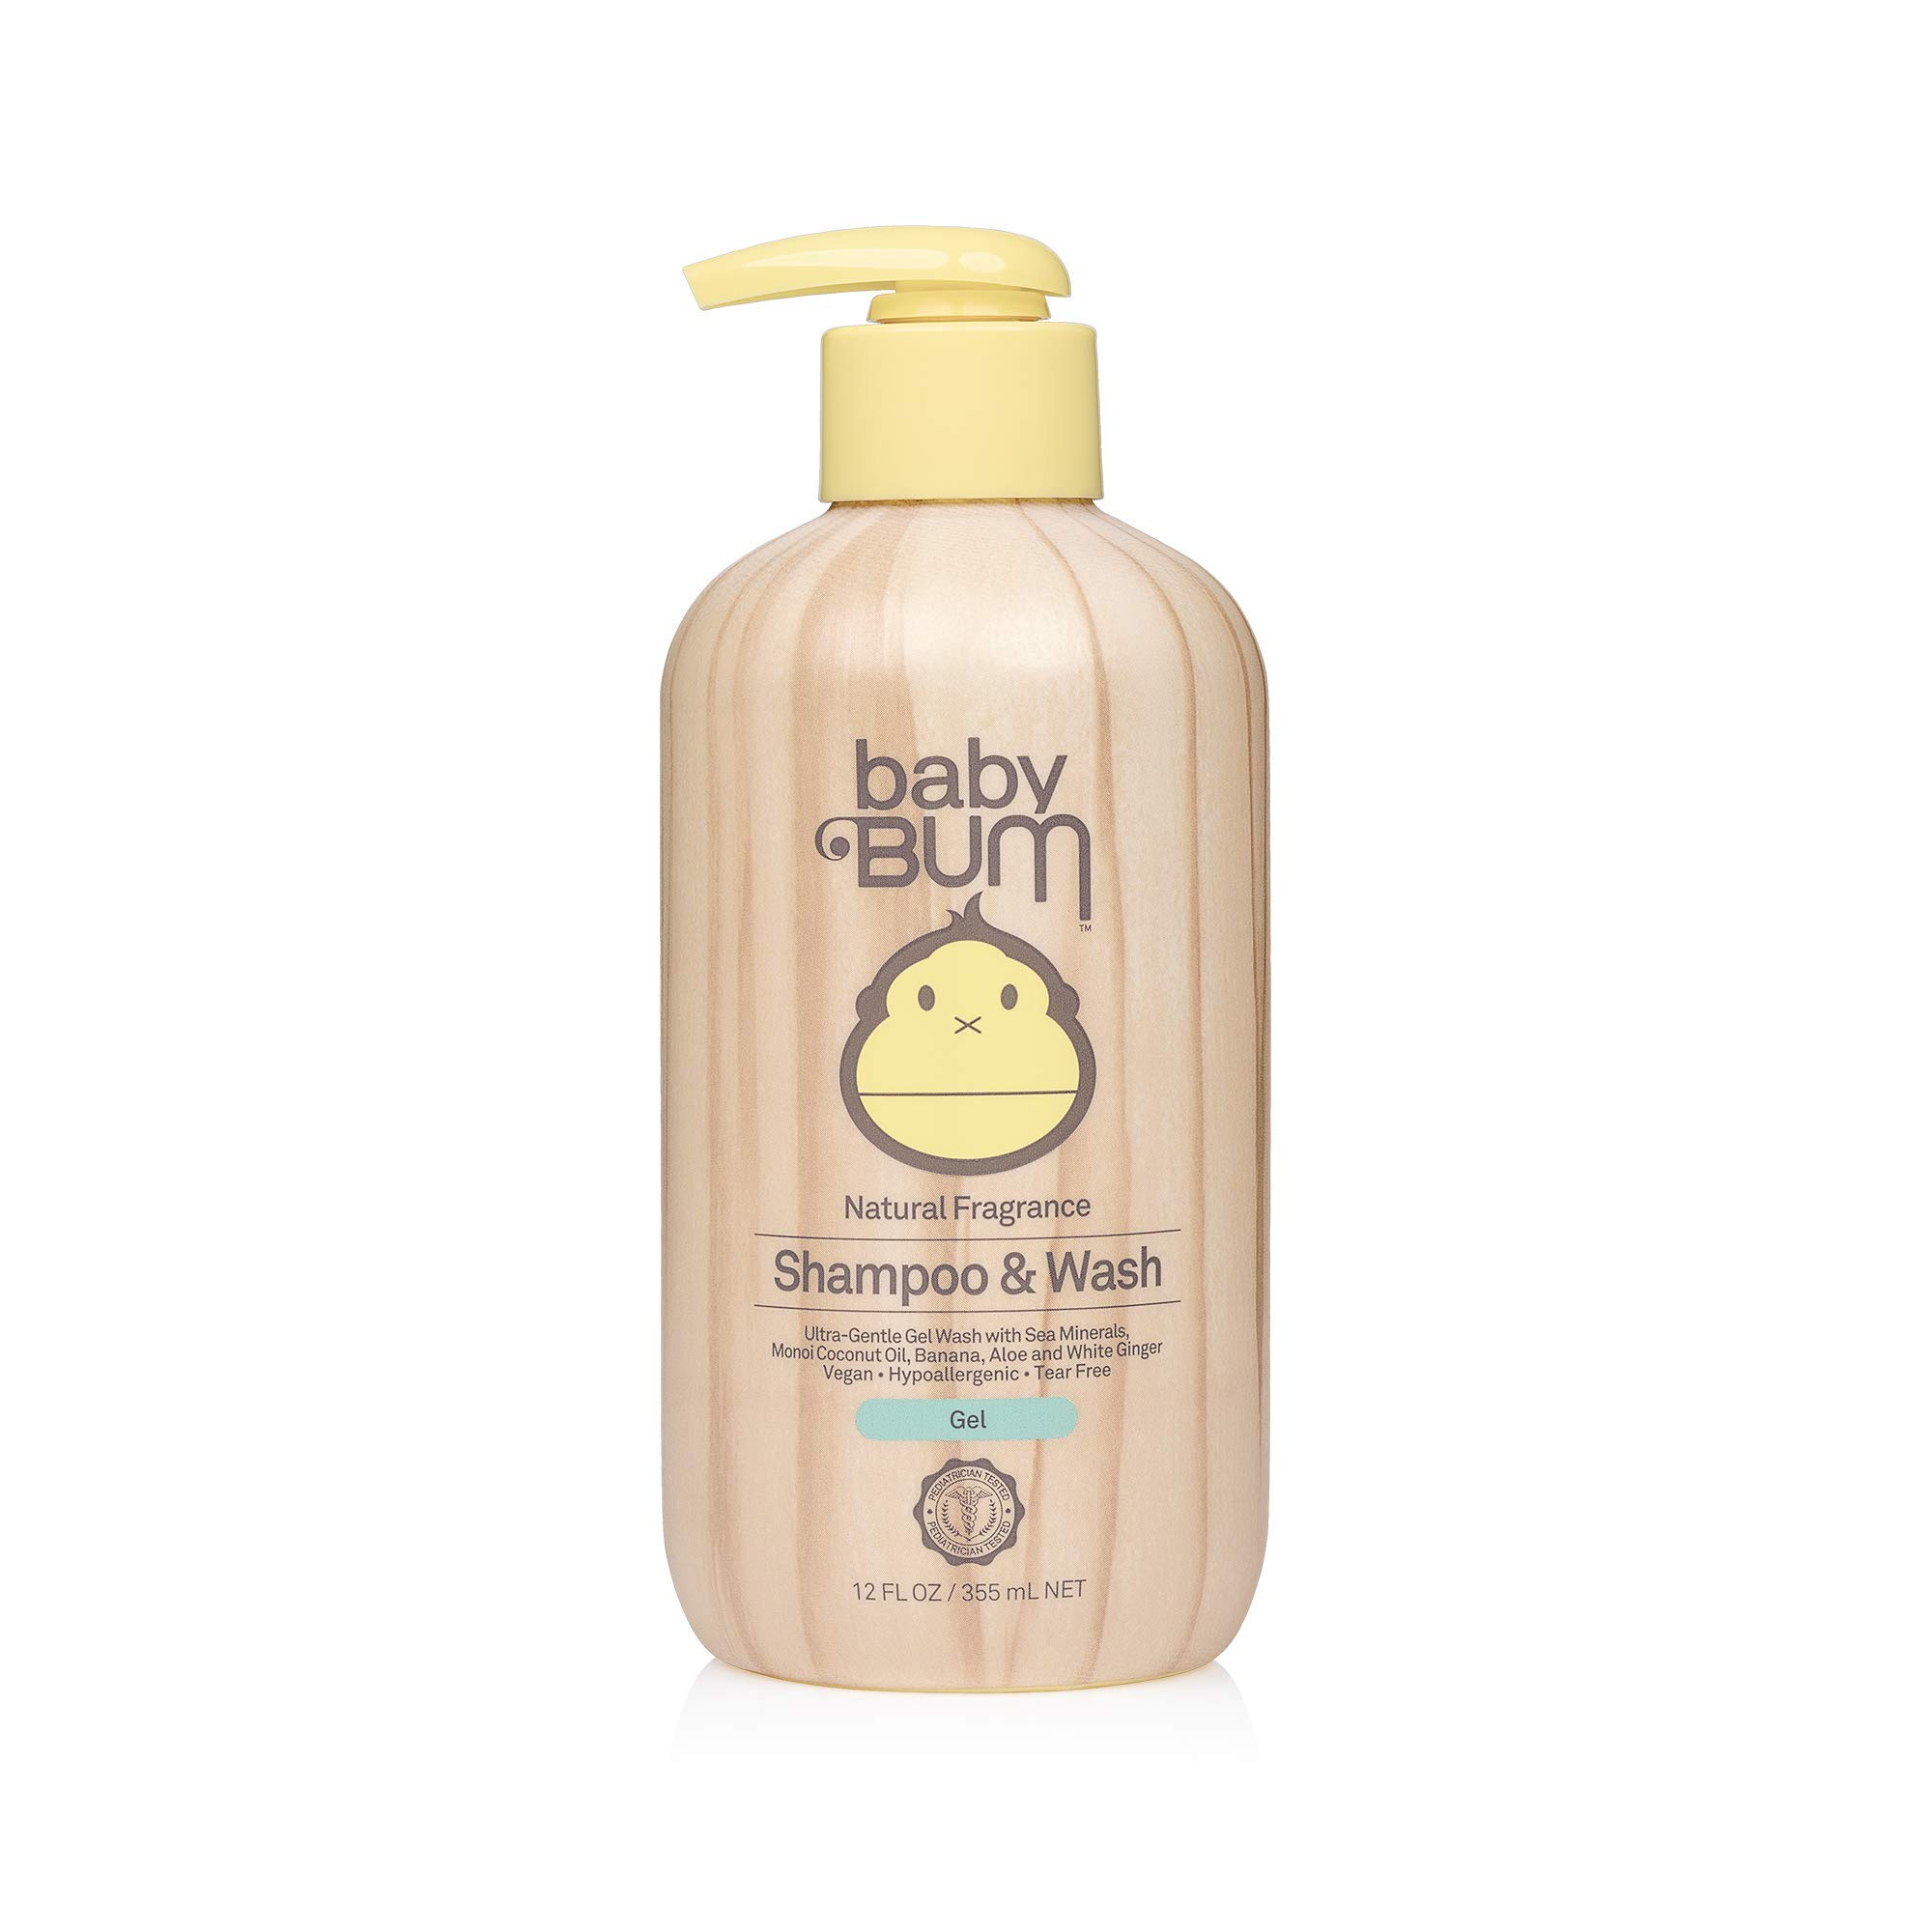 Baby Bum Shampoo & Wash Gel | Tear Free Soap for